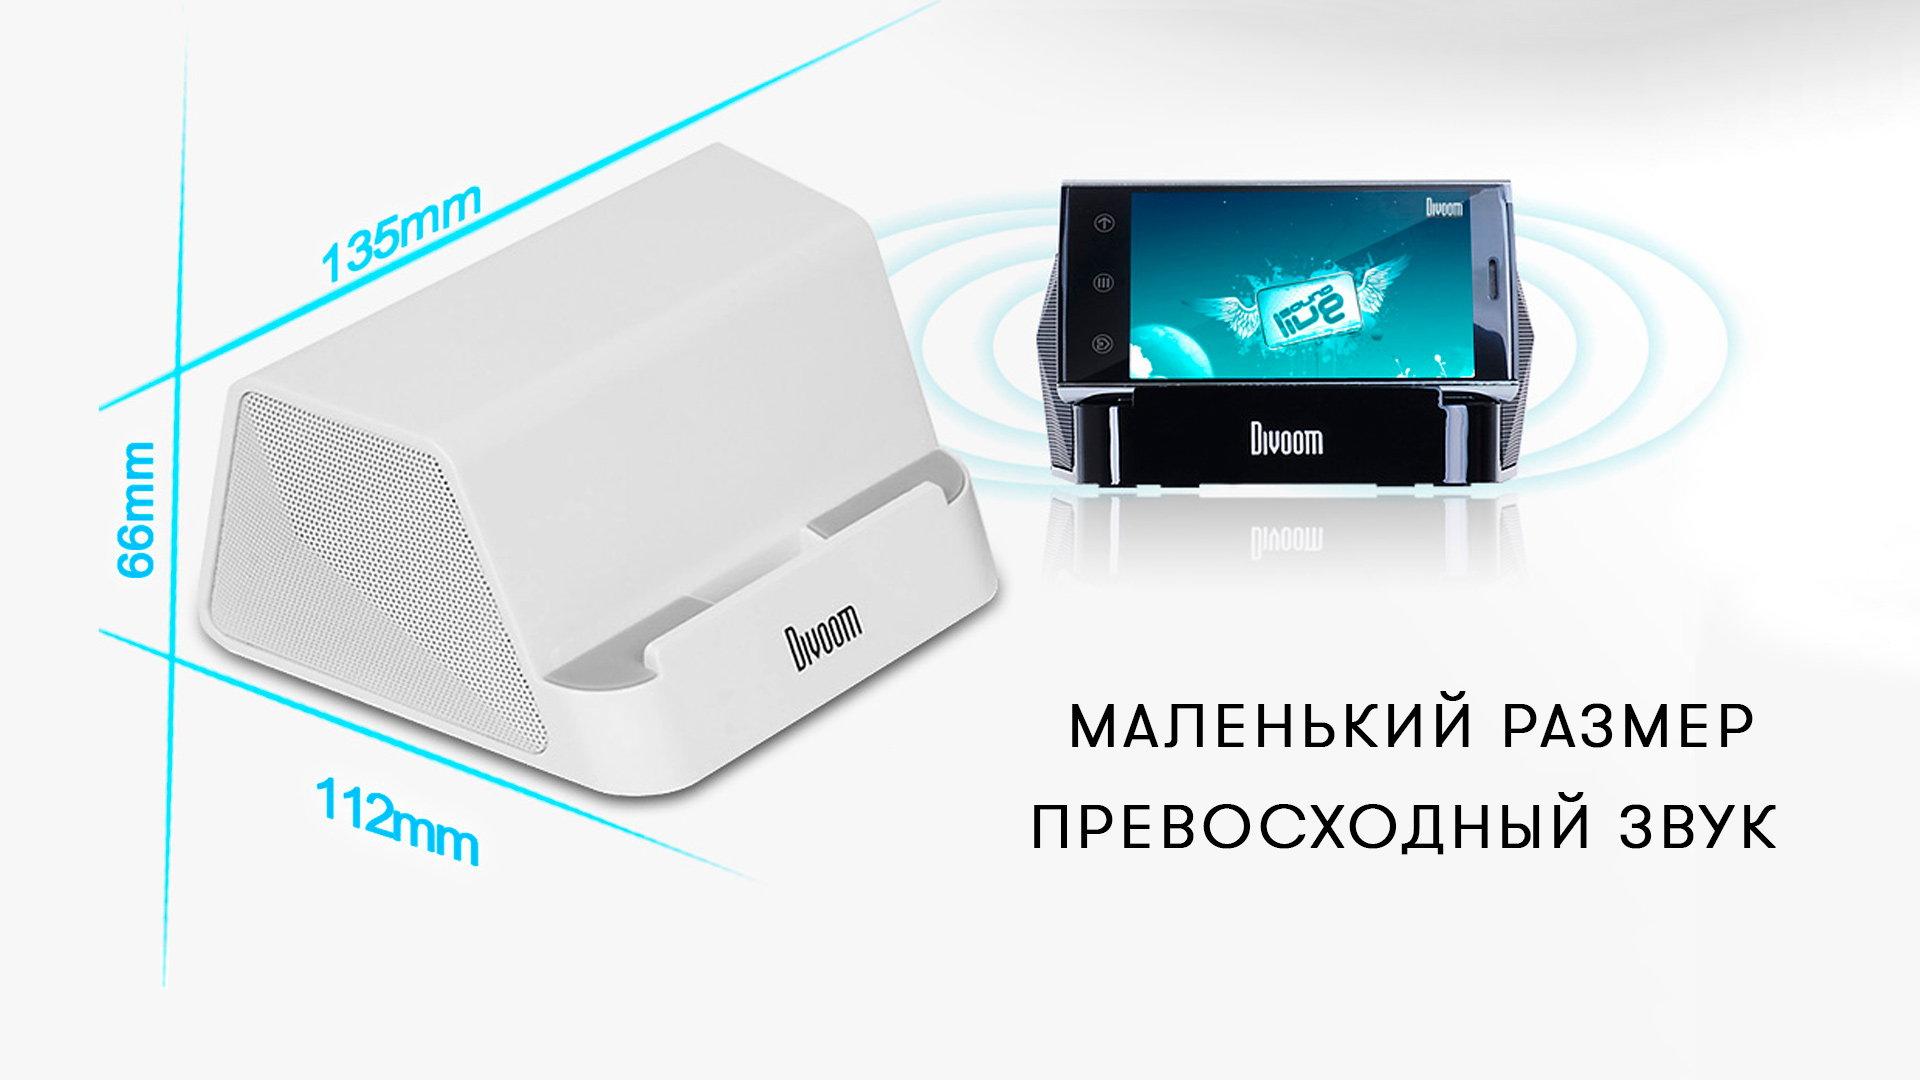 Портативная колонка Divoom iFit-2